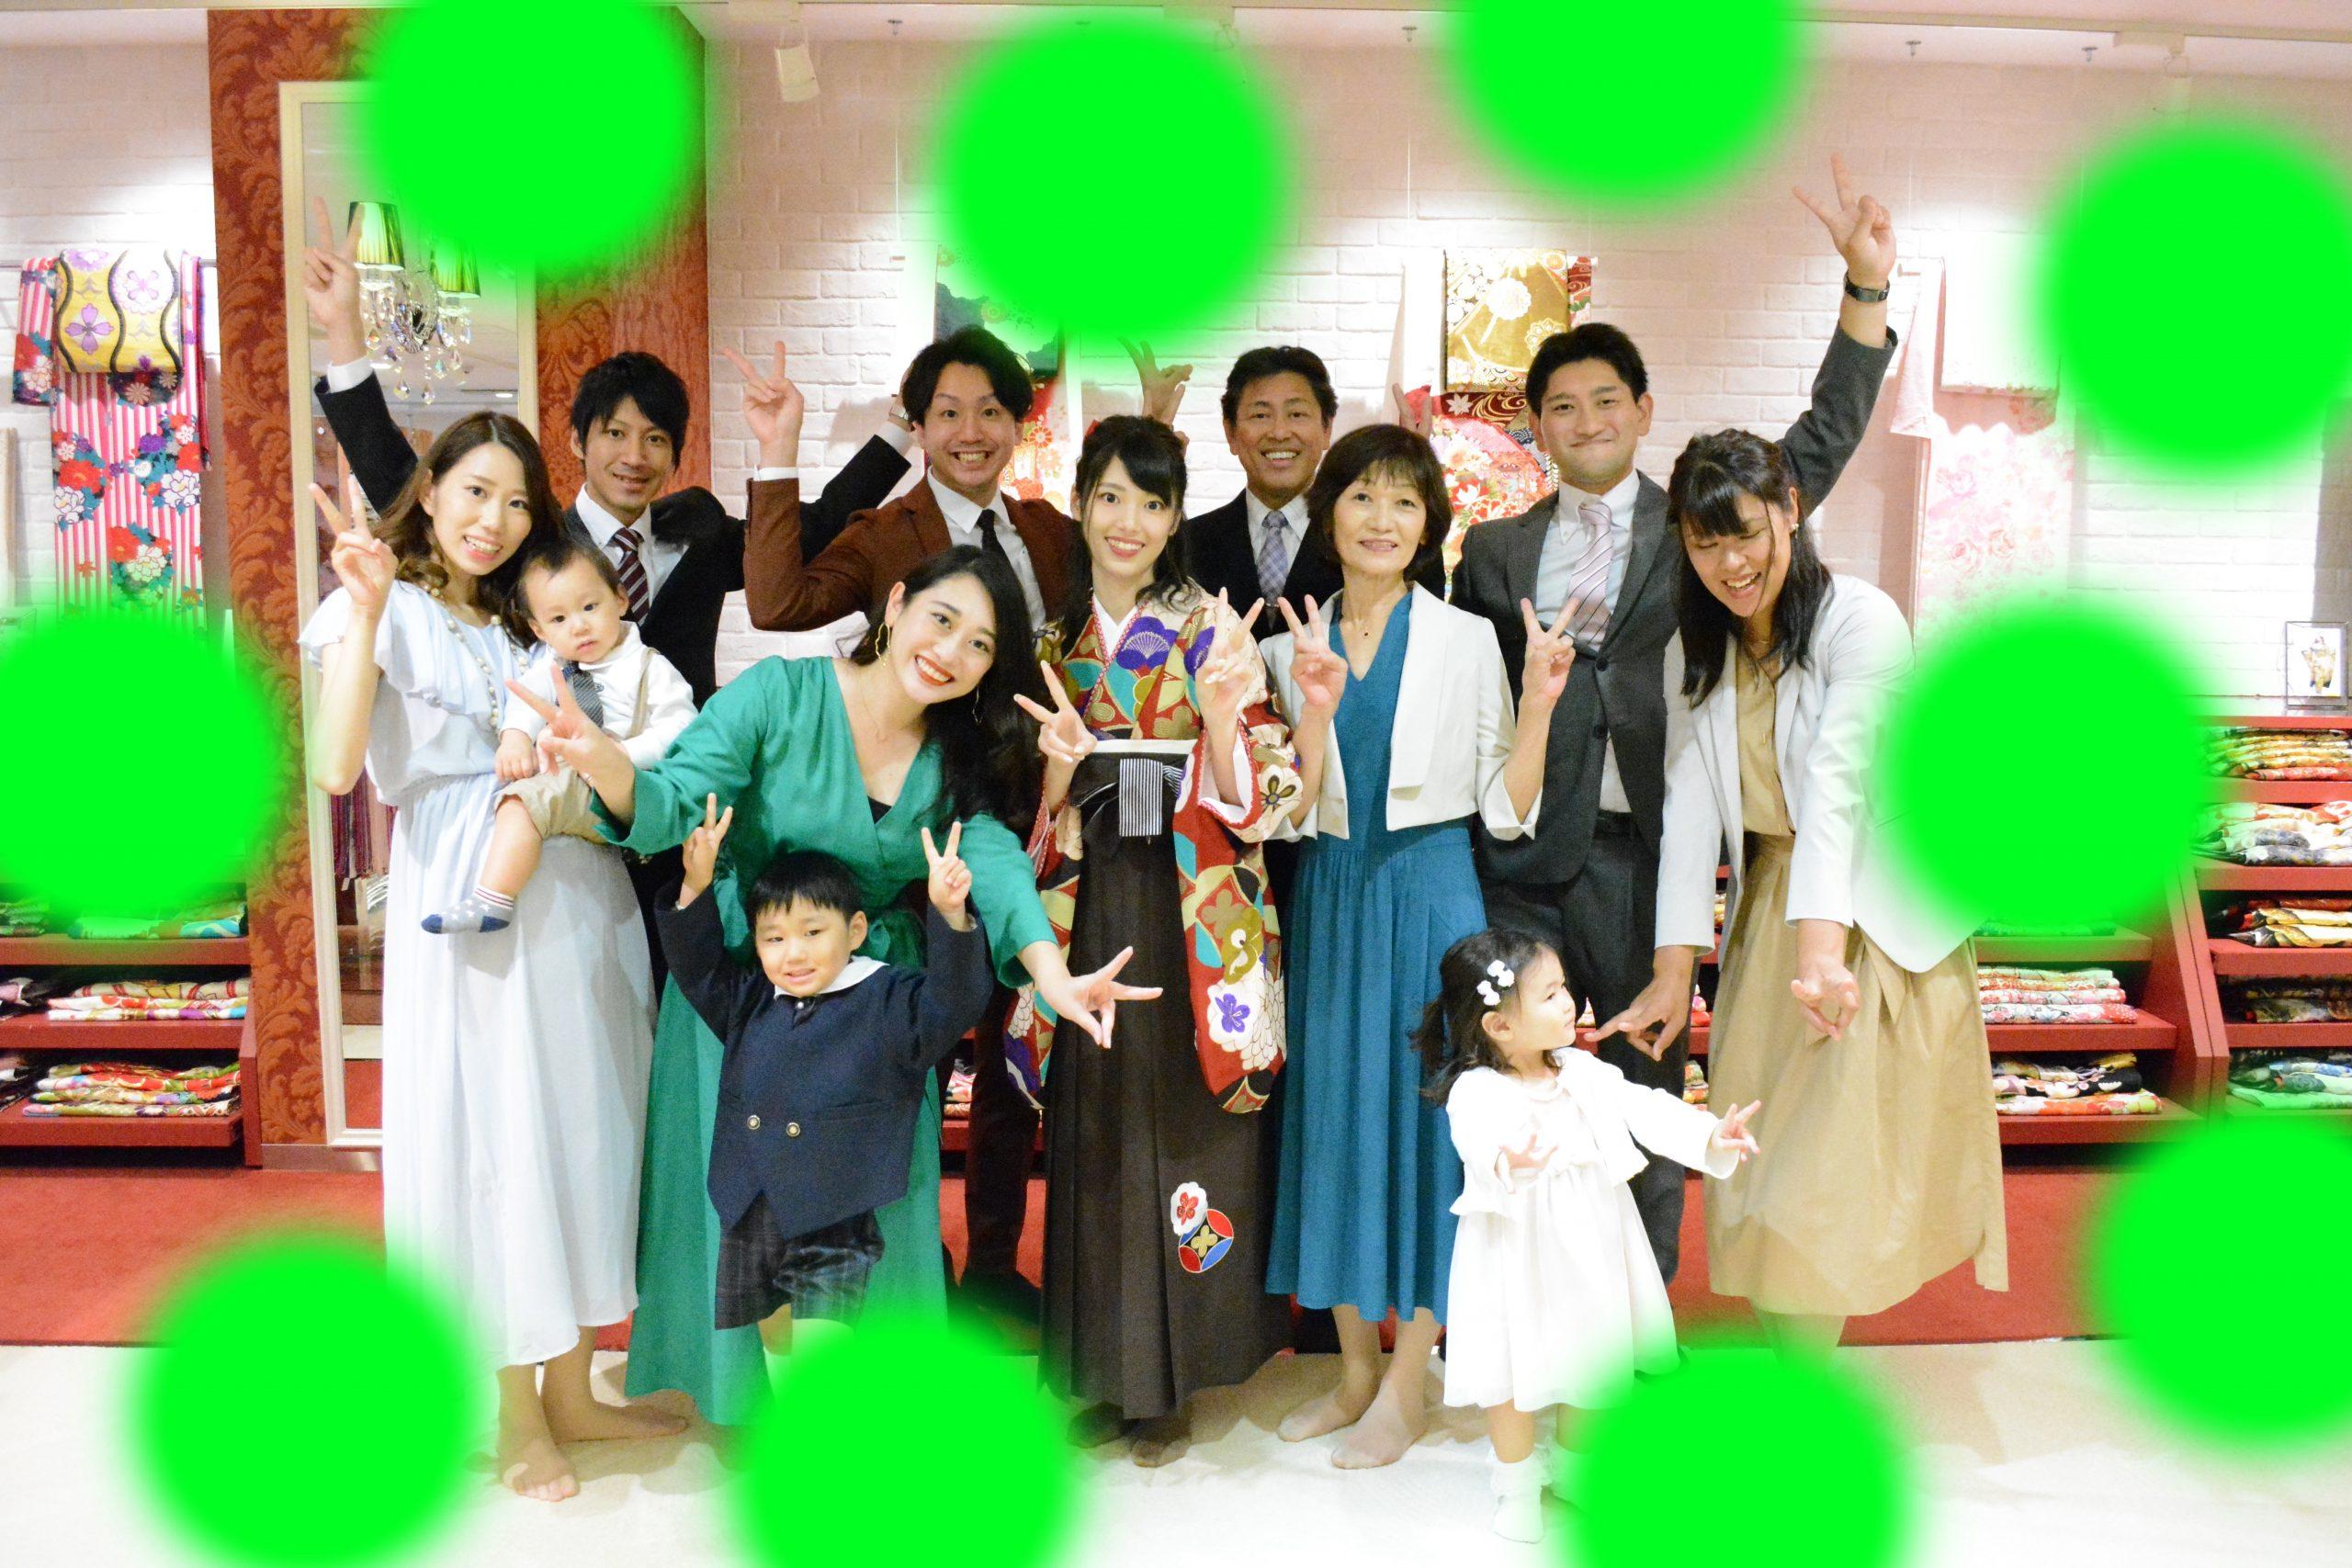 9日 今日の袴前撮り姫ちゃん